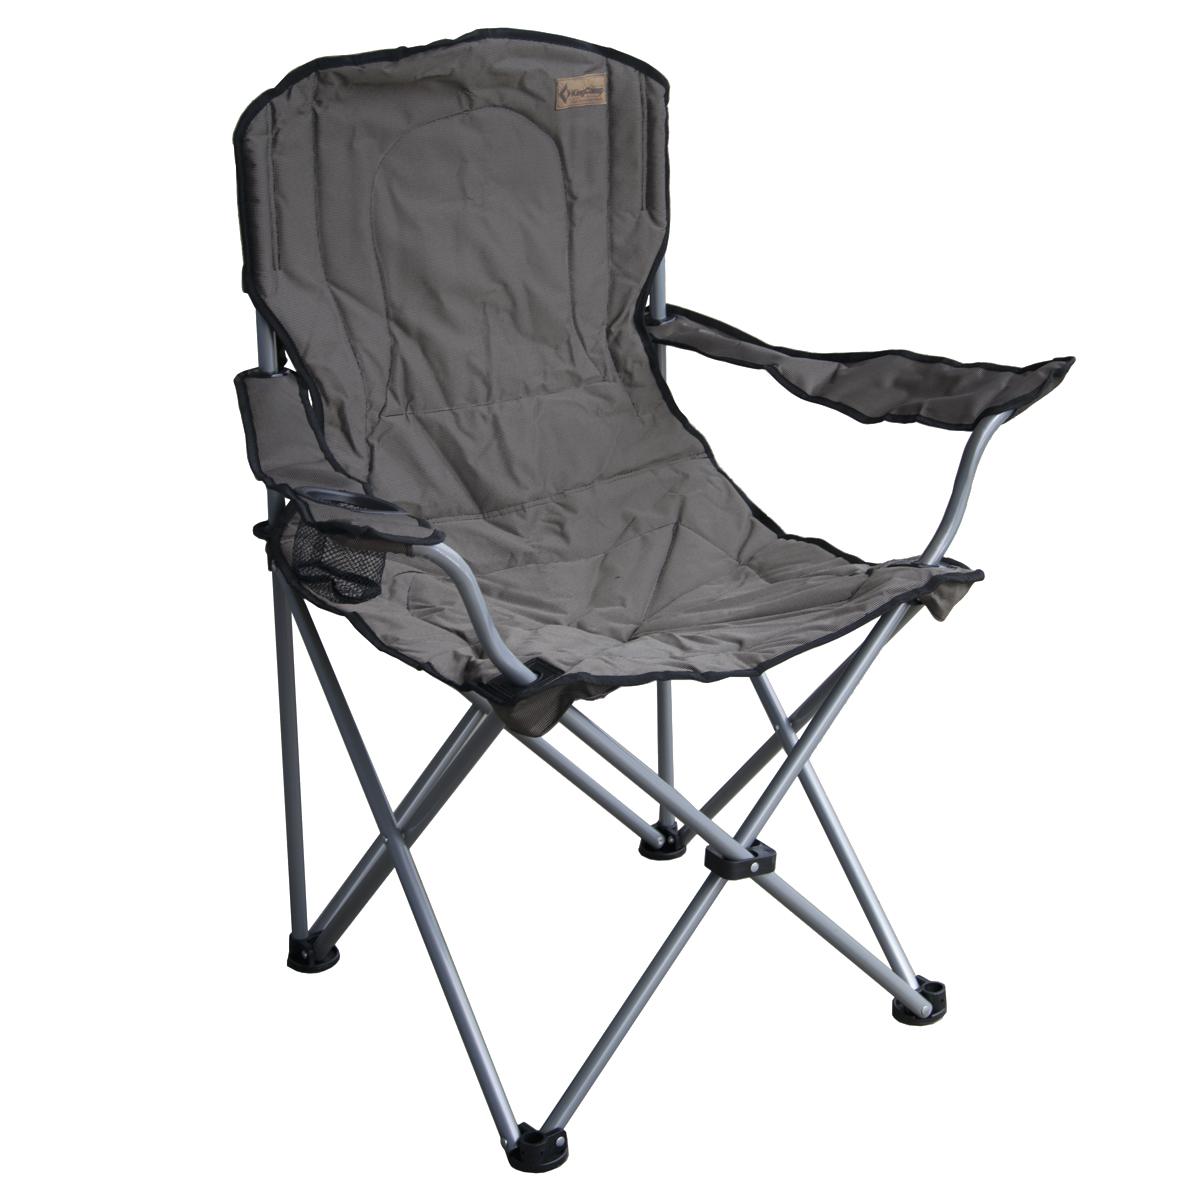 Campingová skládací židle Deluxe - hnědá